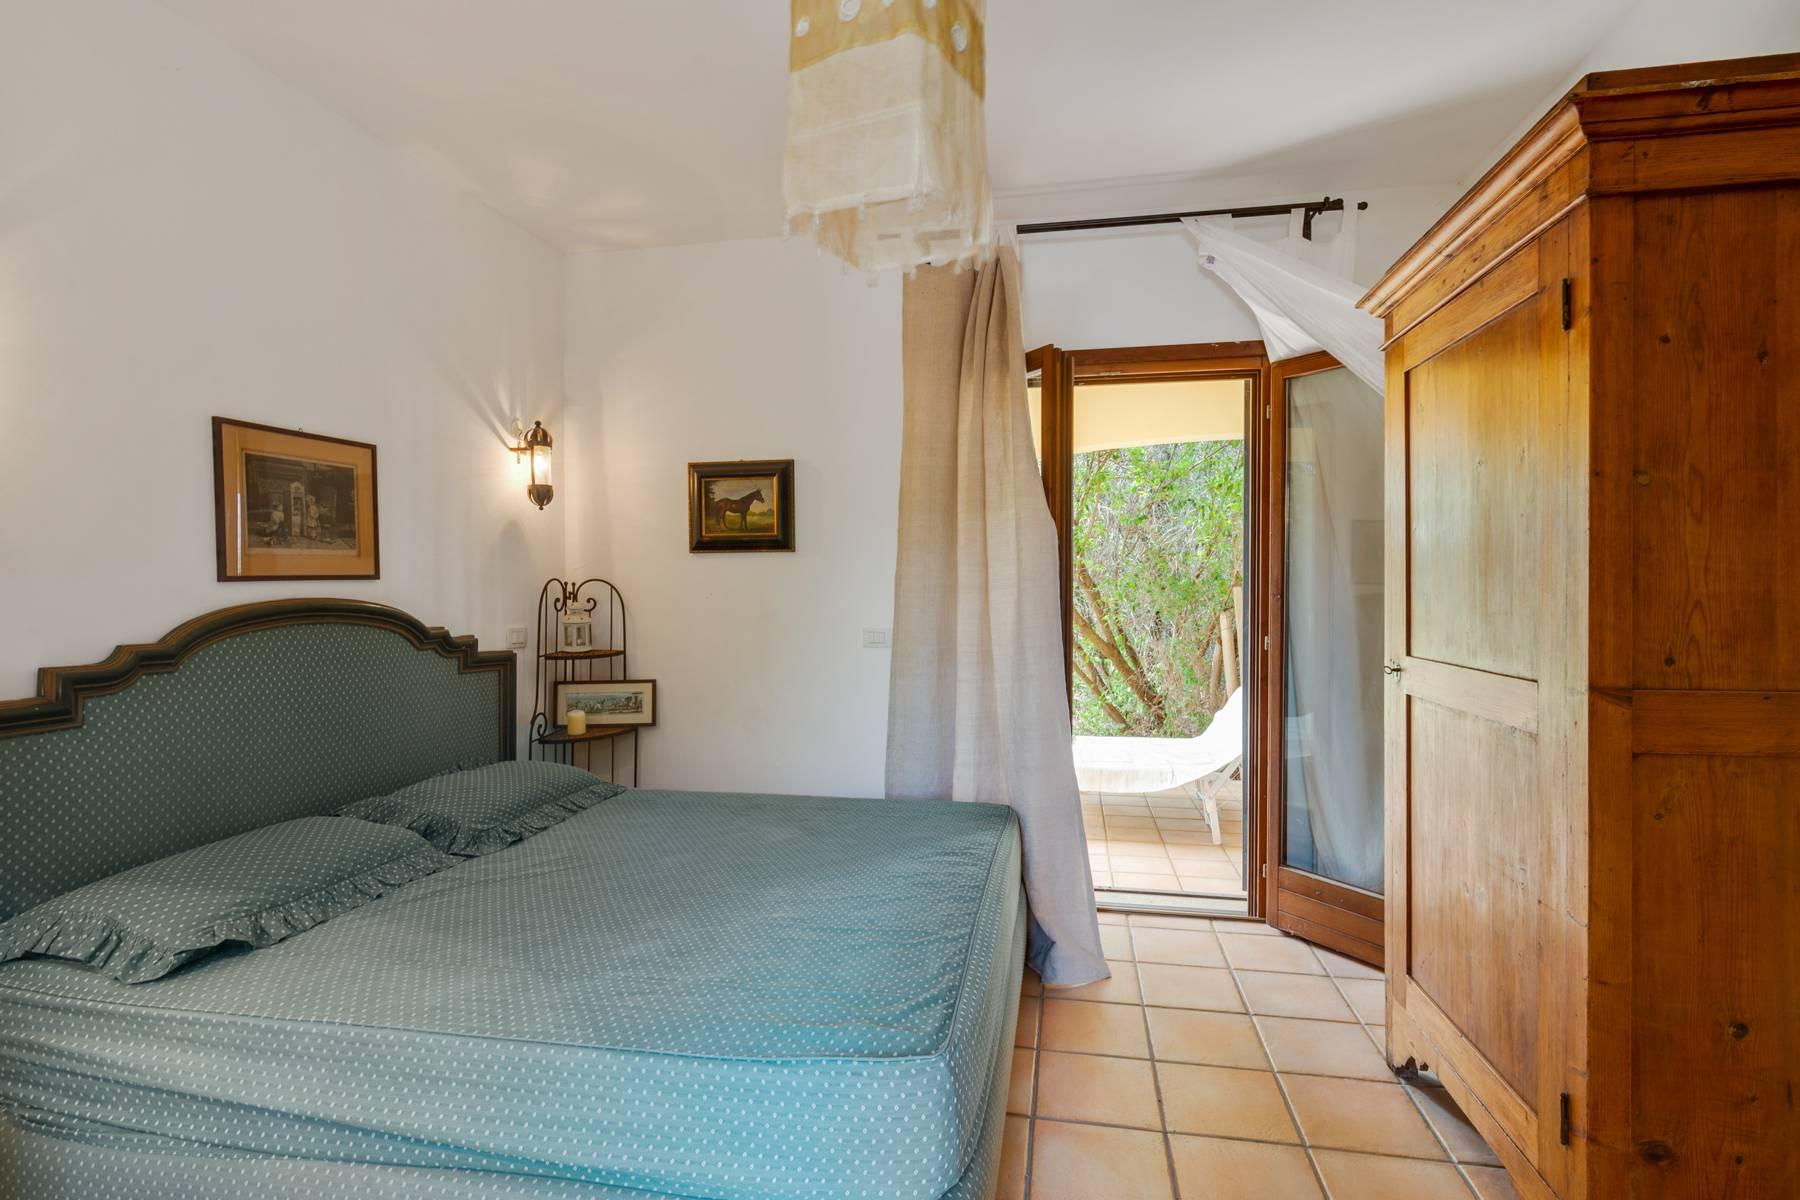 Villa in Vendita a Montalto Di Castro: 5 locali, 231 mq - Foto 8